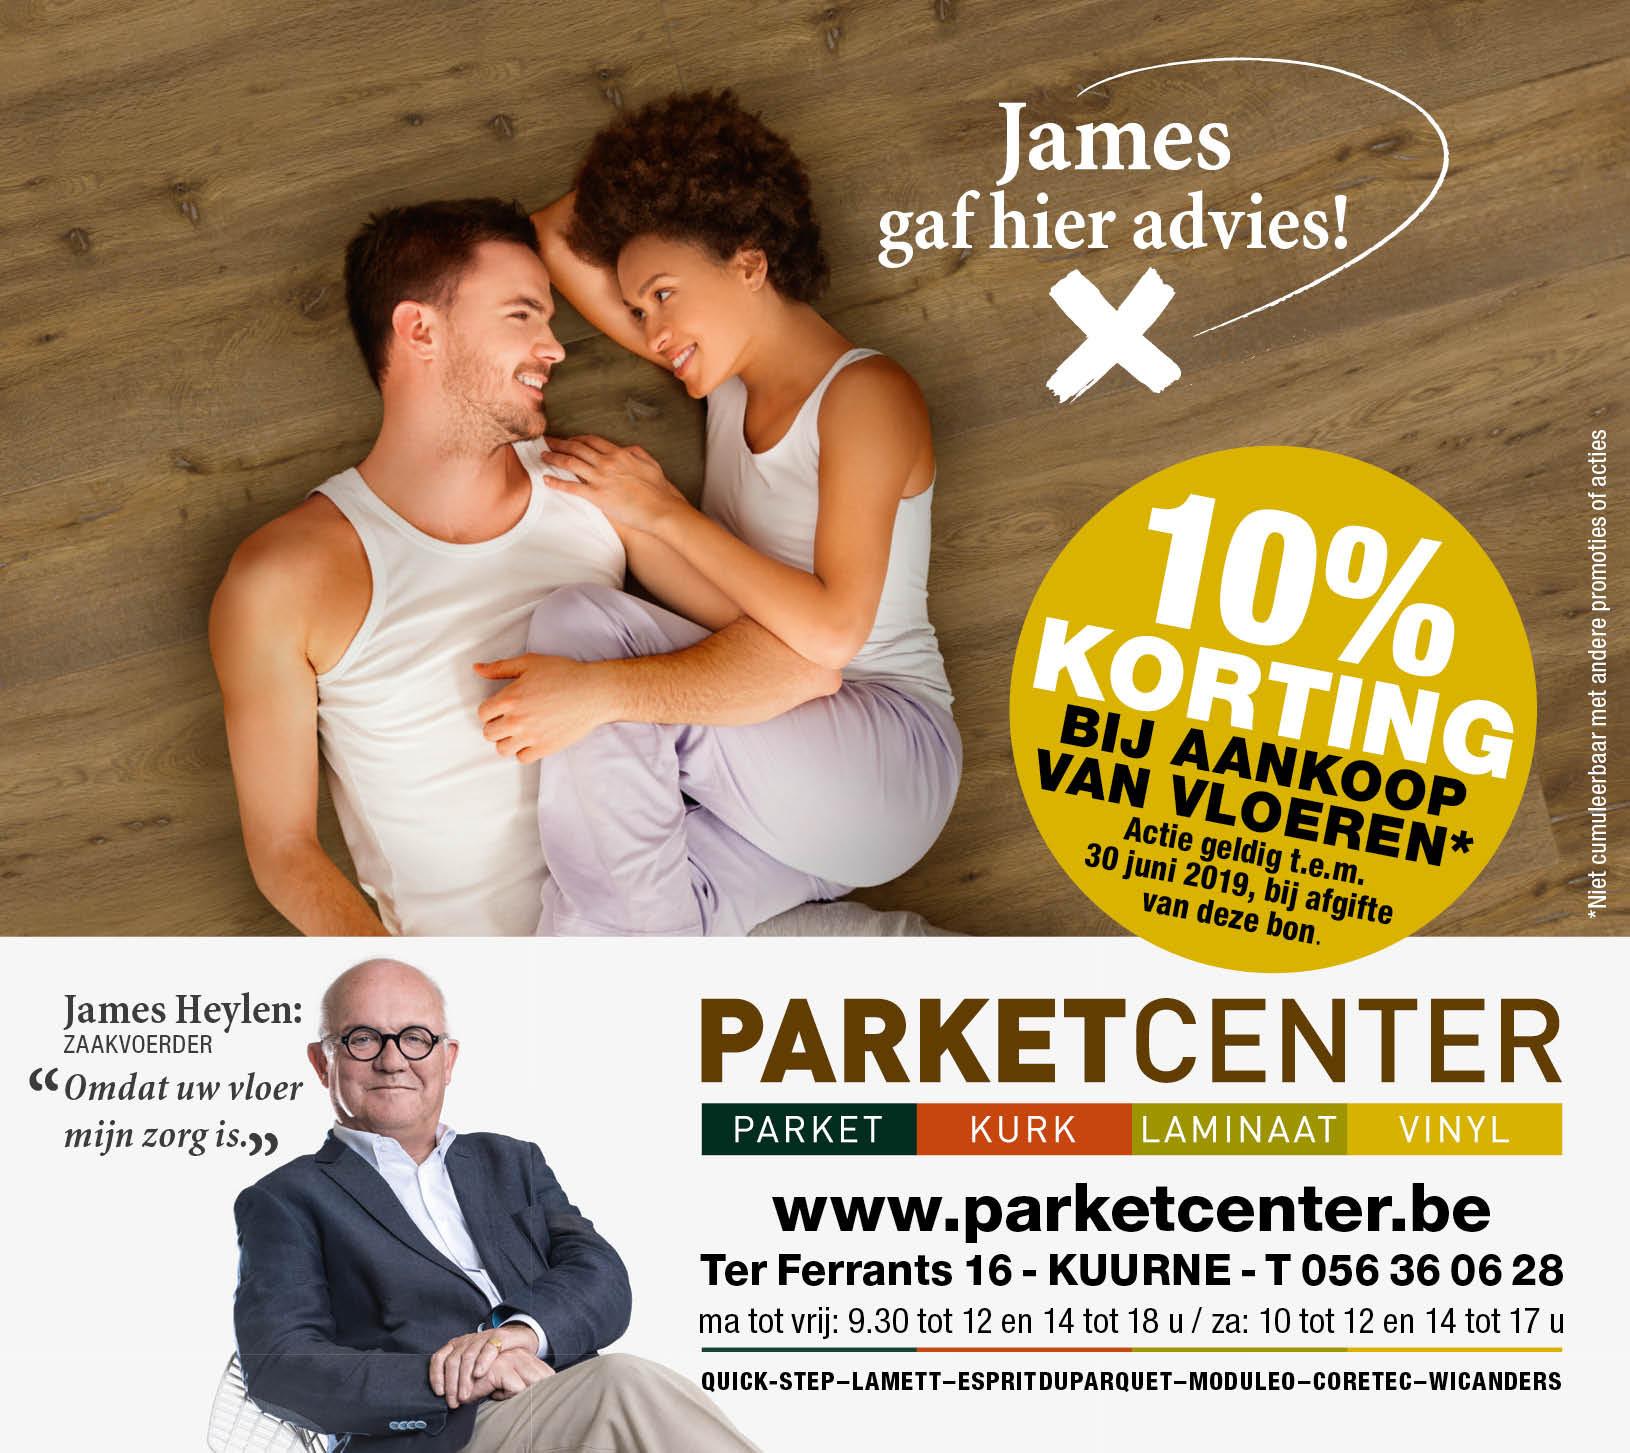 Parketcenter